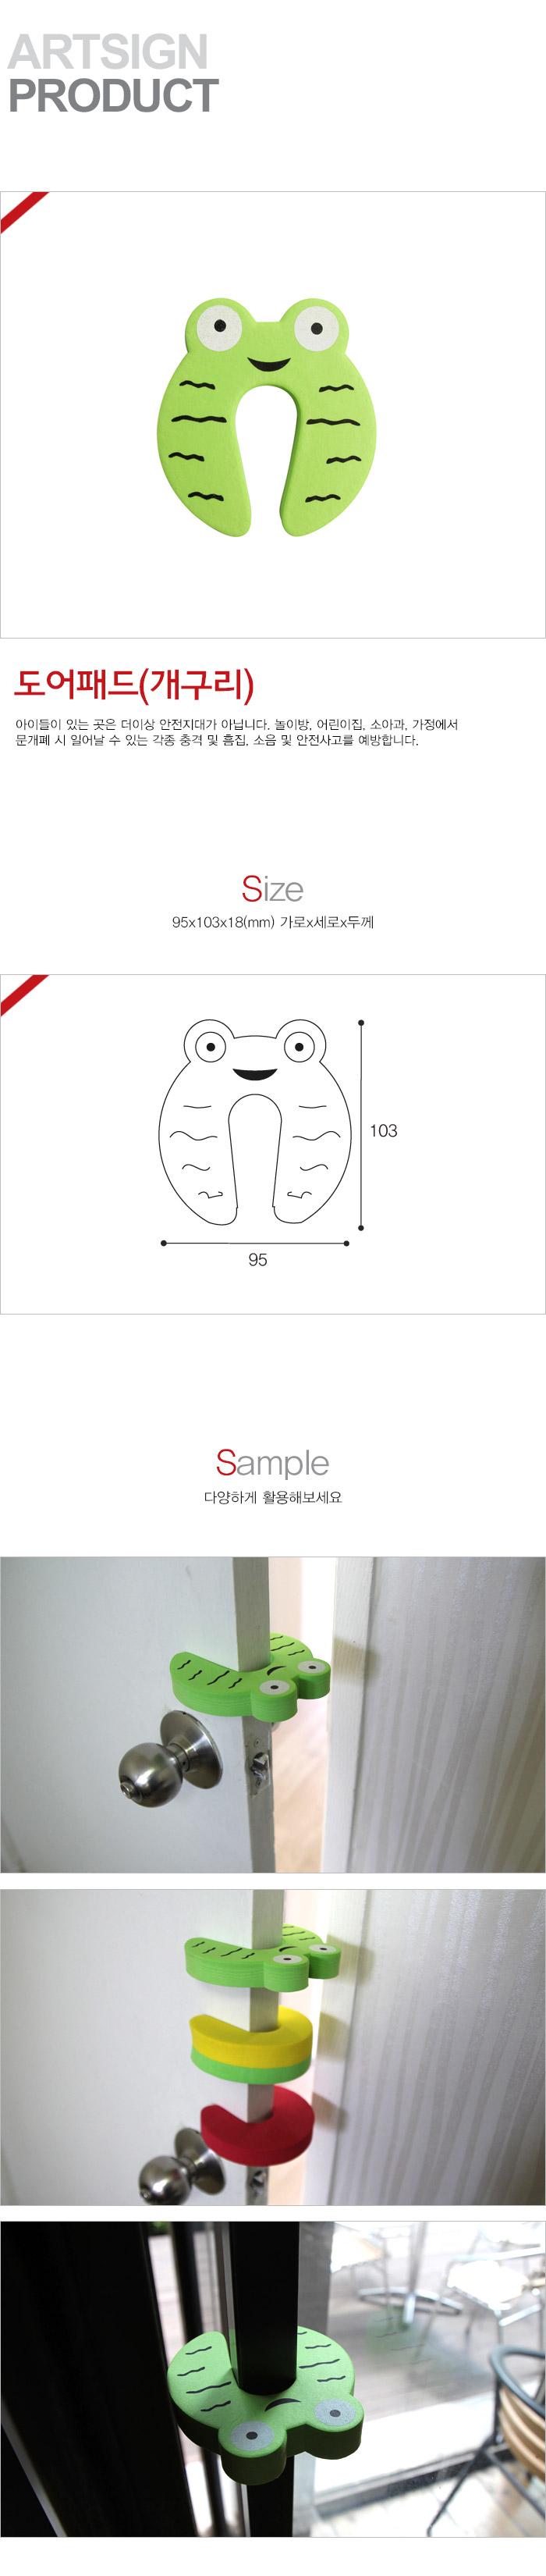 도어패드(개구리) L0006 - 아트사인, 1,760원, 생활잡화, 도어스토퍼